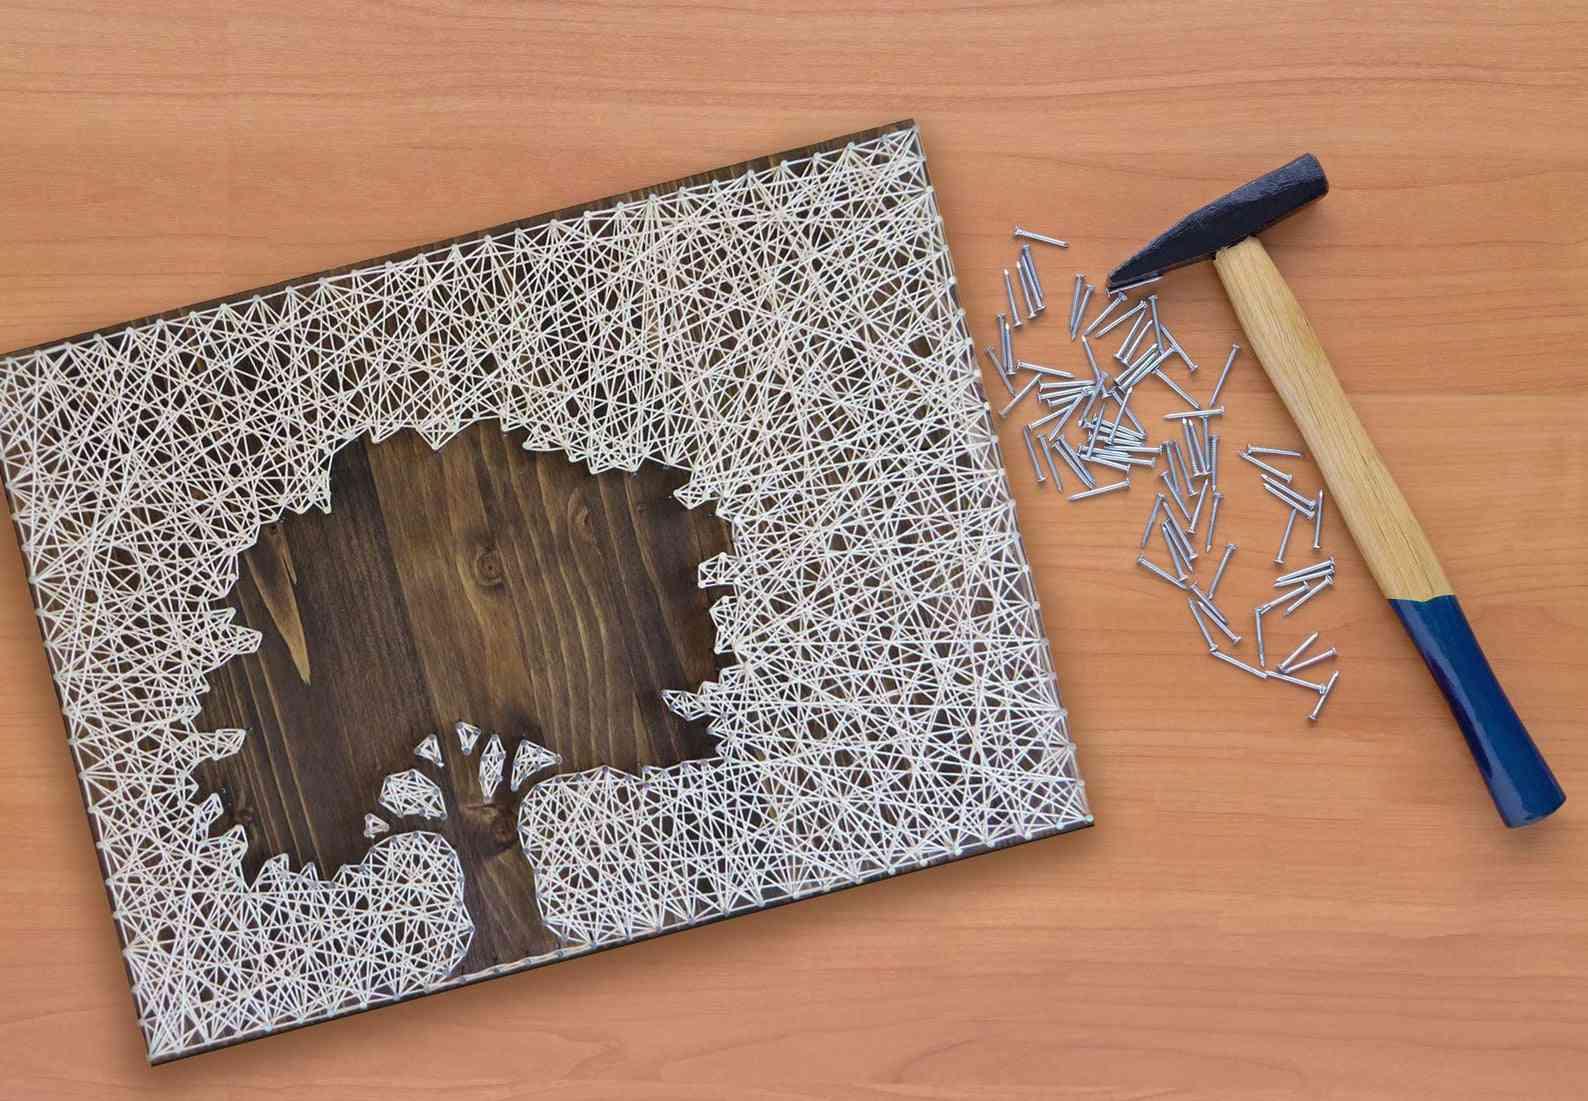 Oak Tree String Art Kit